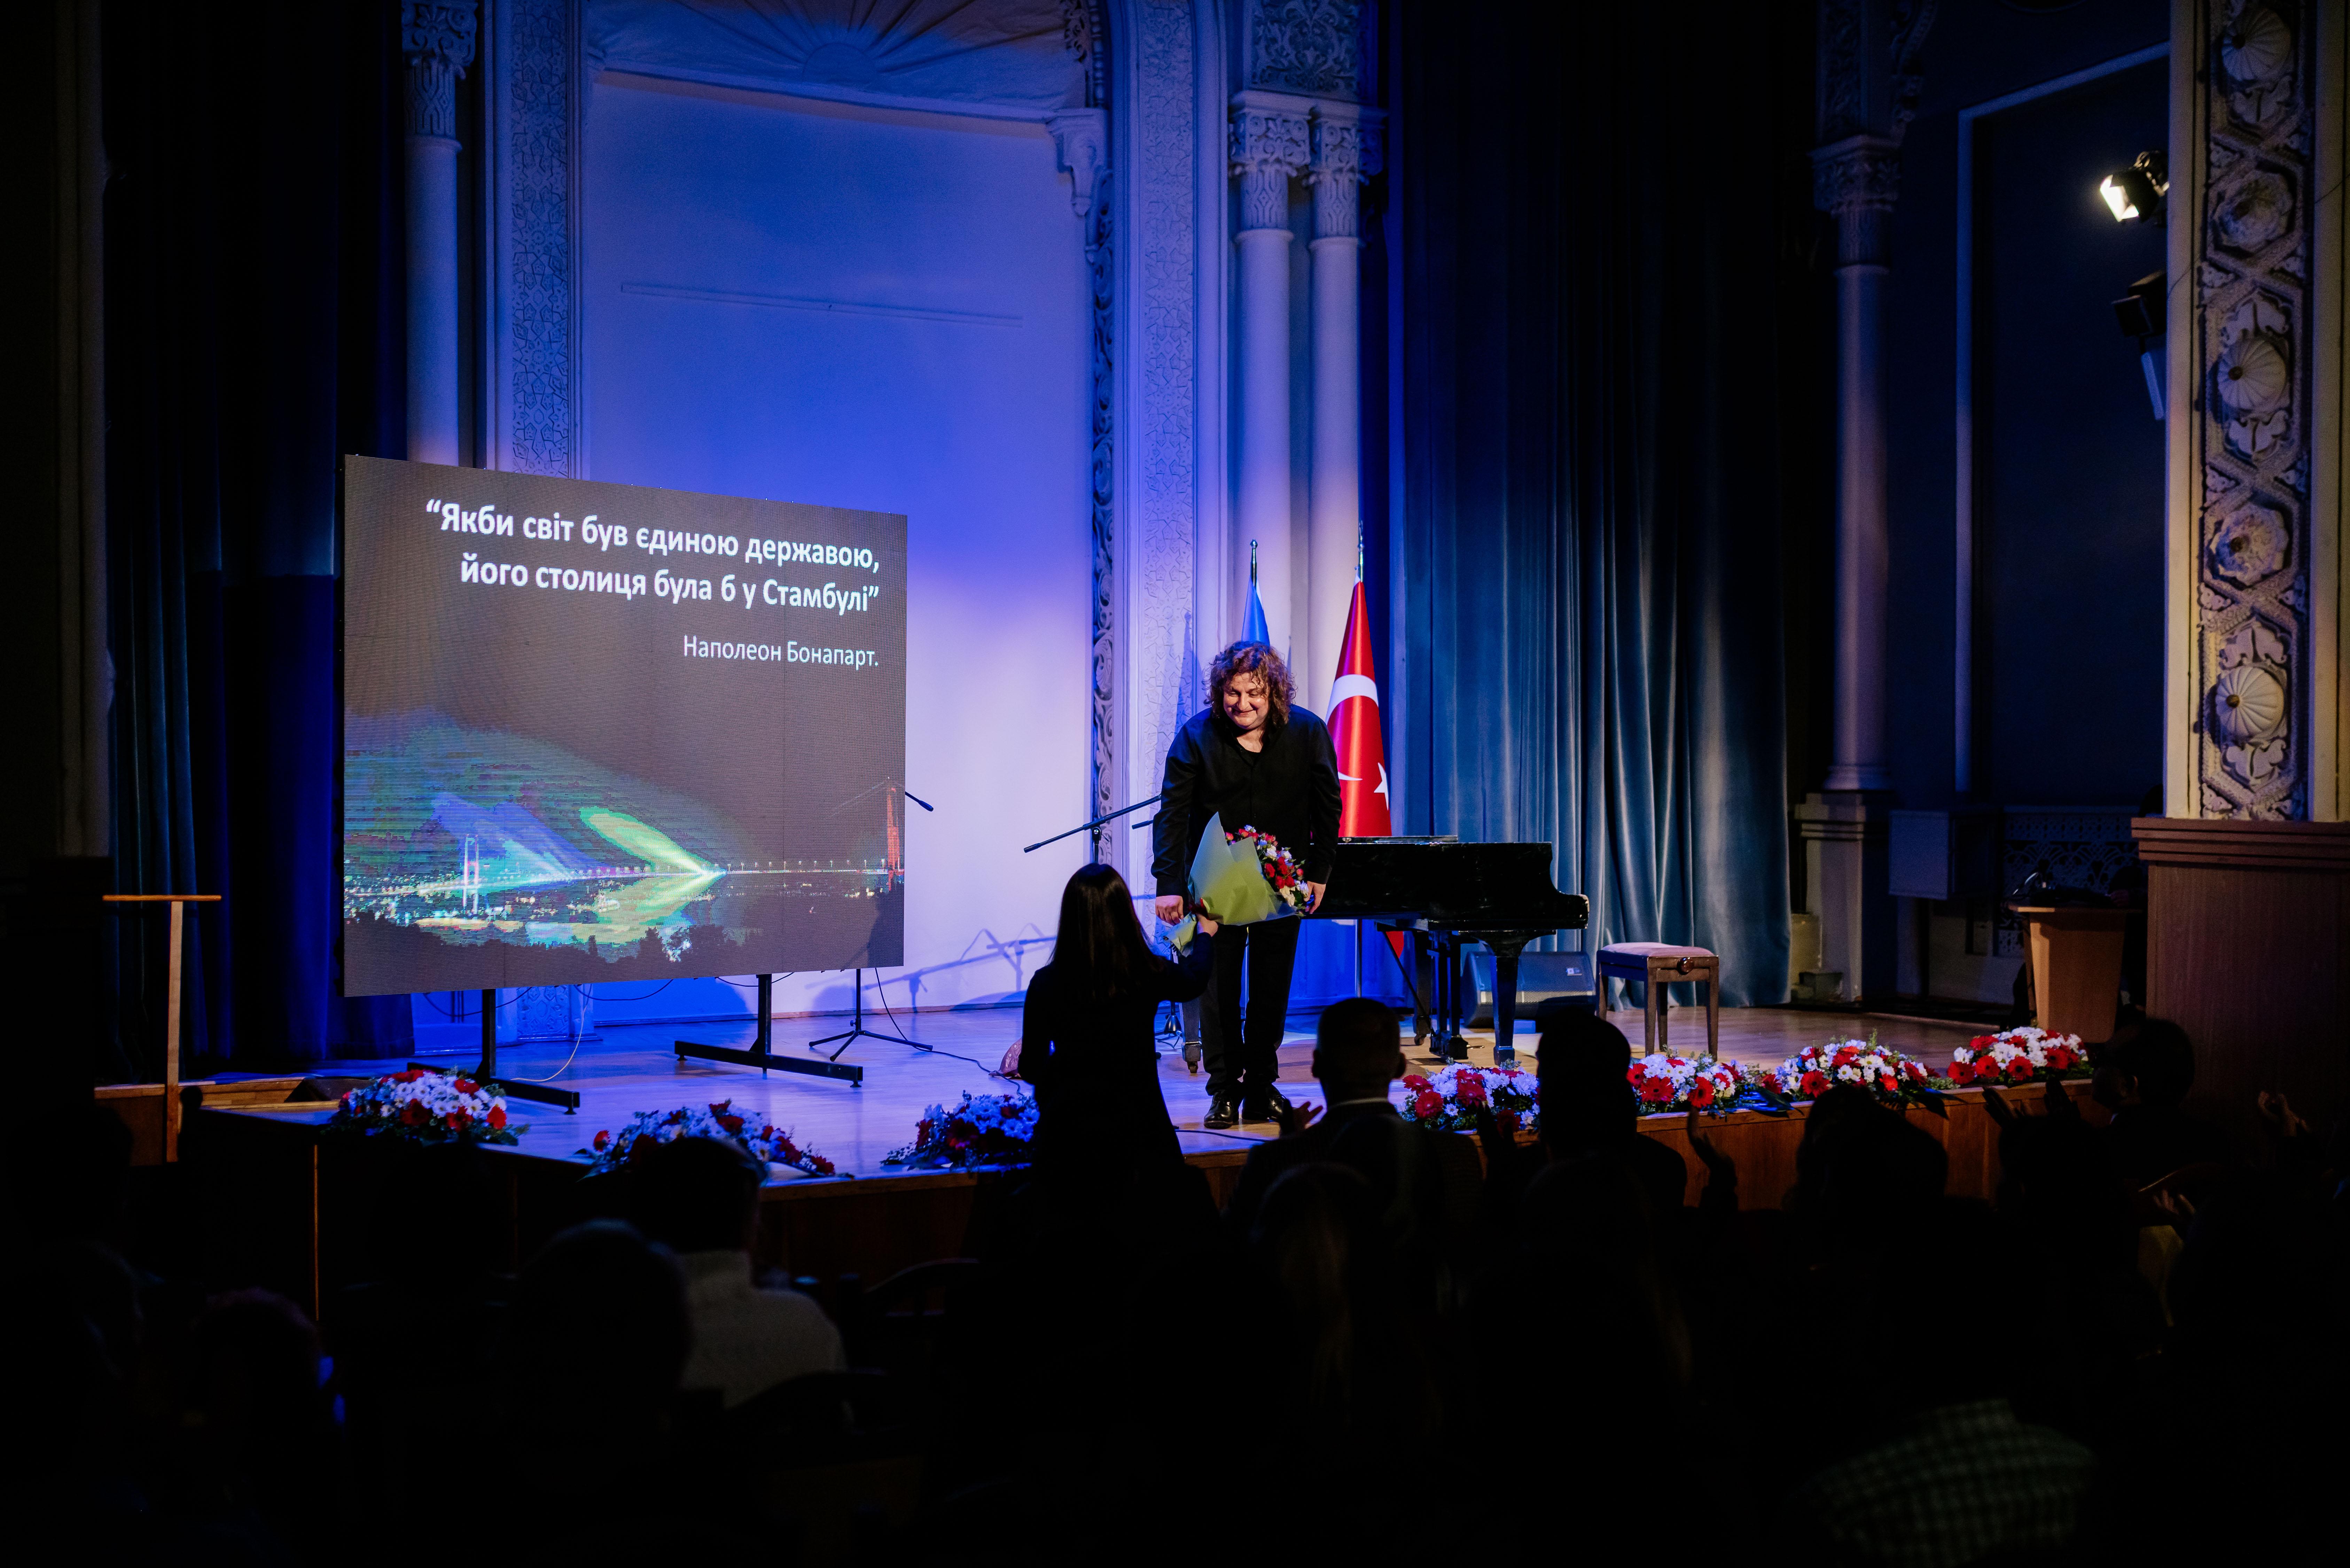 Музичний вечір з турецьким піаністом Тулуйханом Угурлу